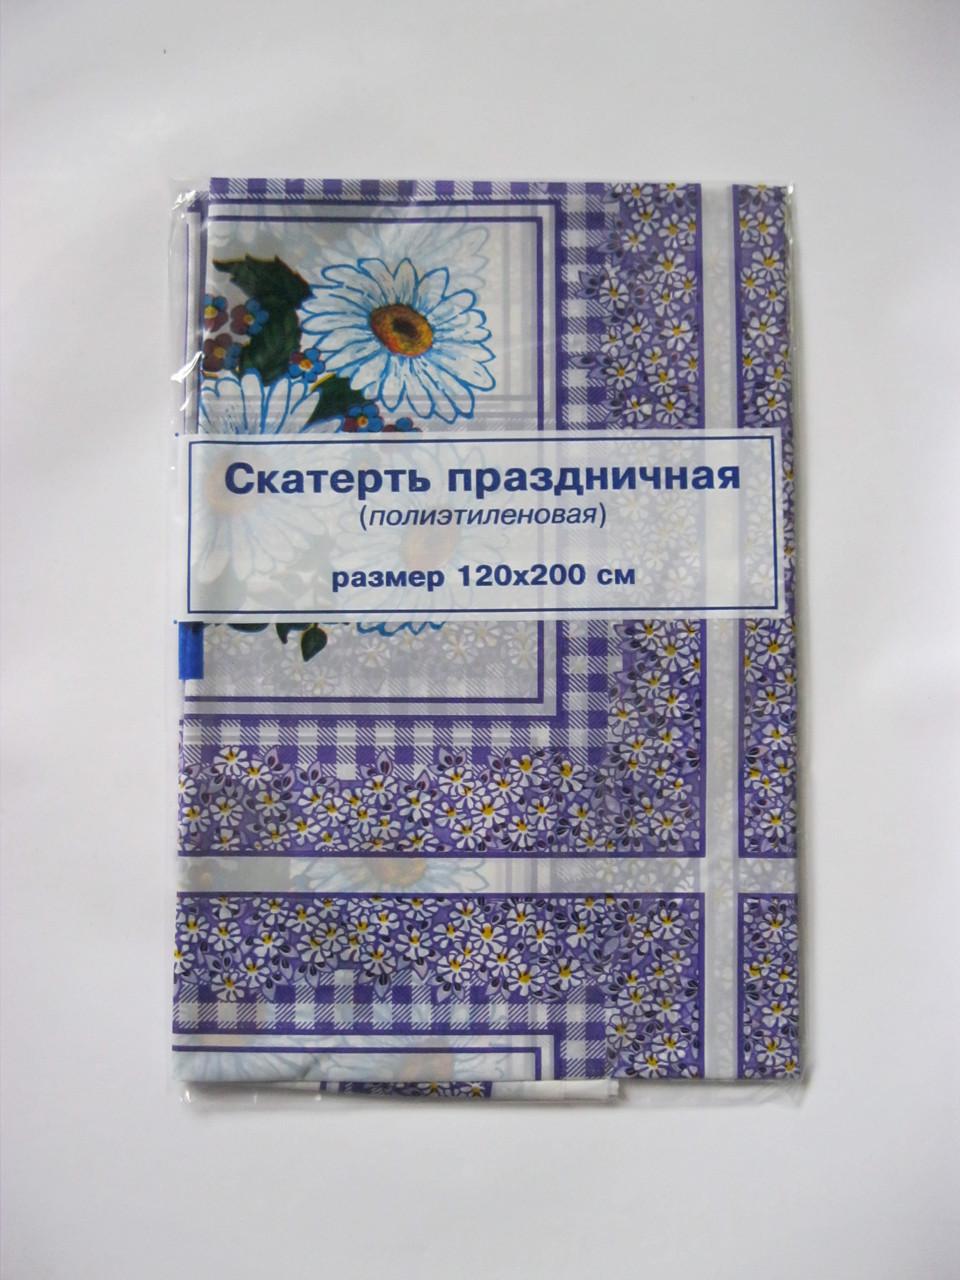 Скатерть полипропиленовая 120x200 см(Толстая)